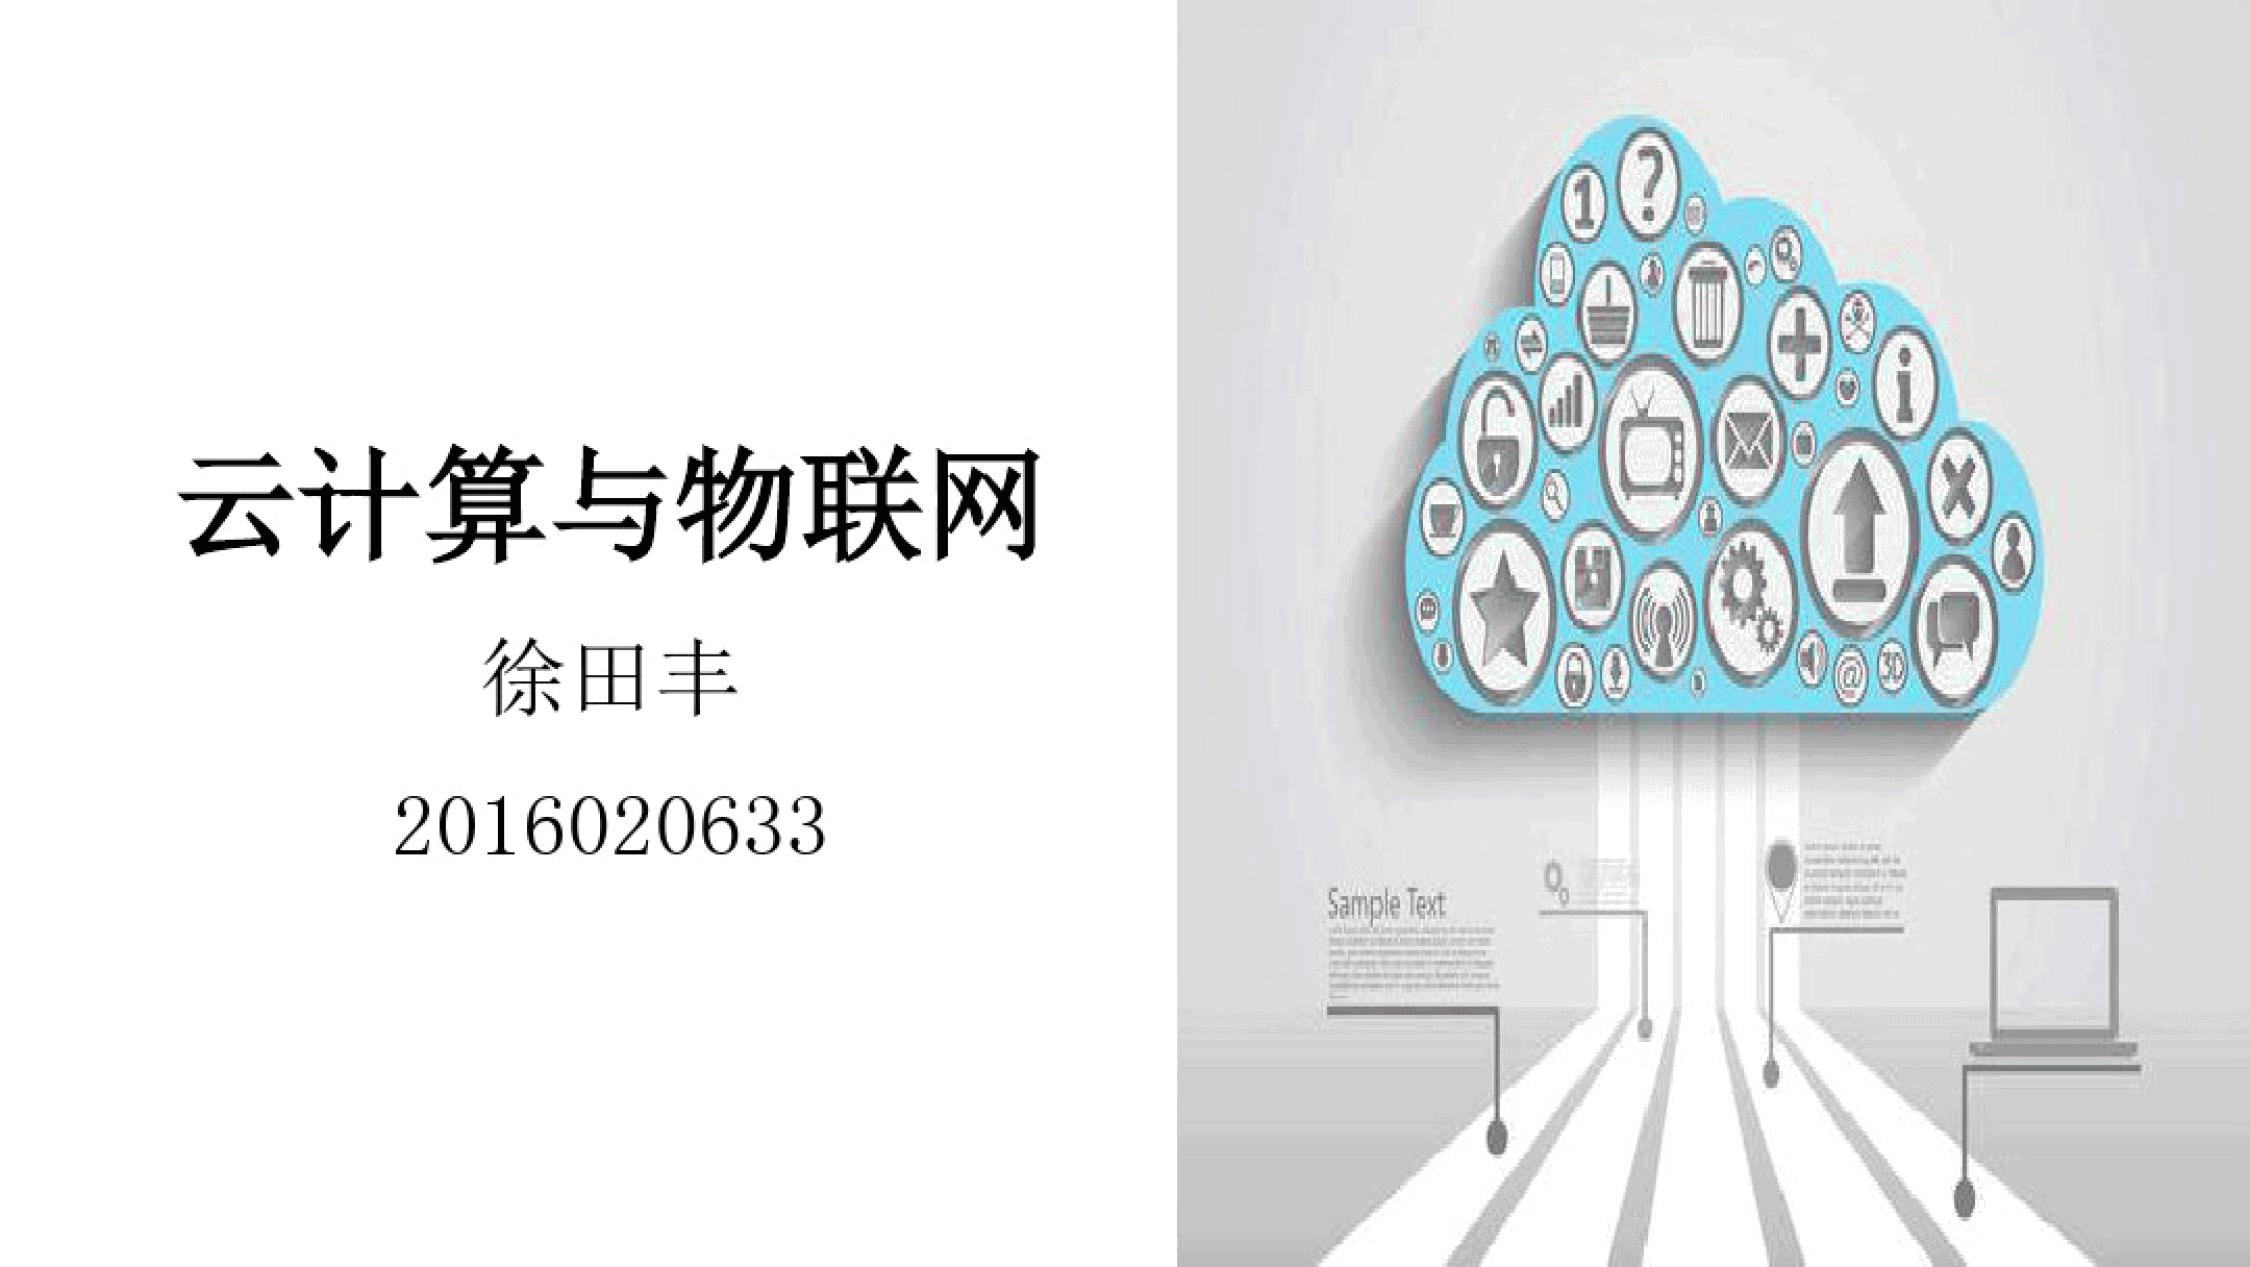 徐田丰-云计算与物联网